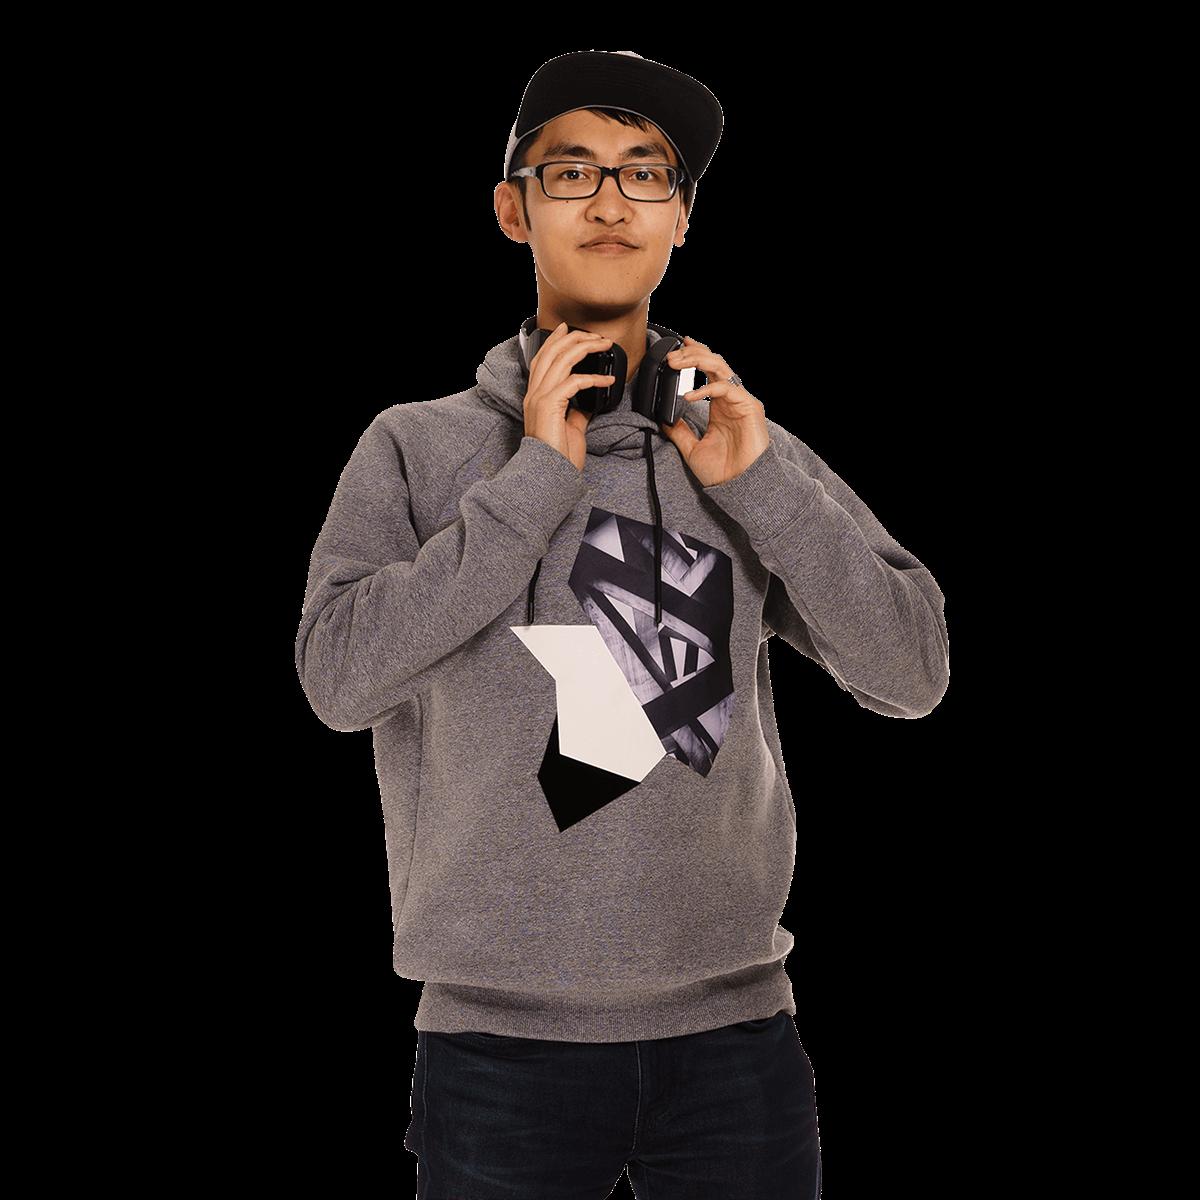 fotografie people Photography  portrait